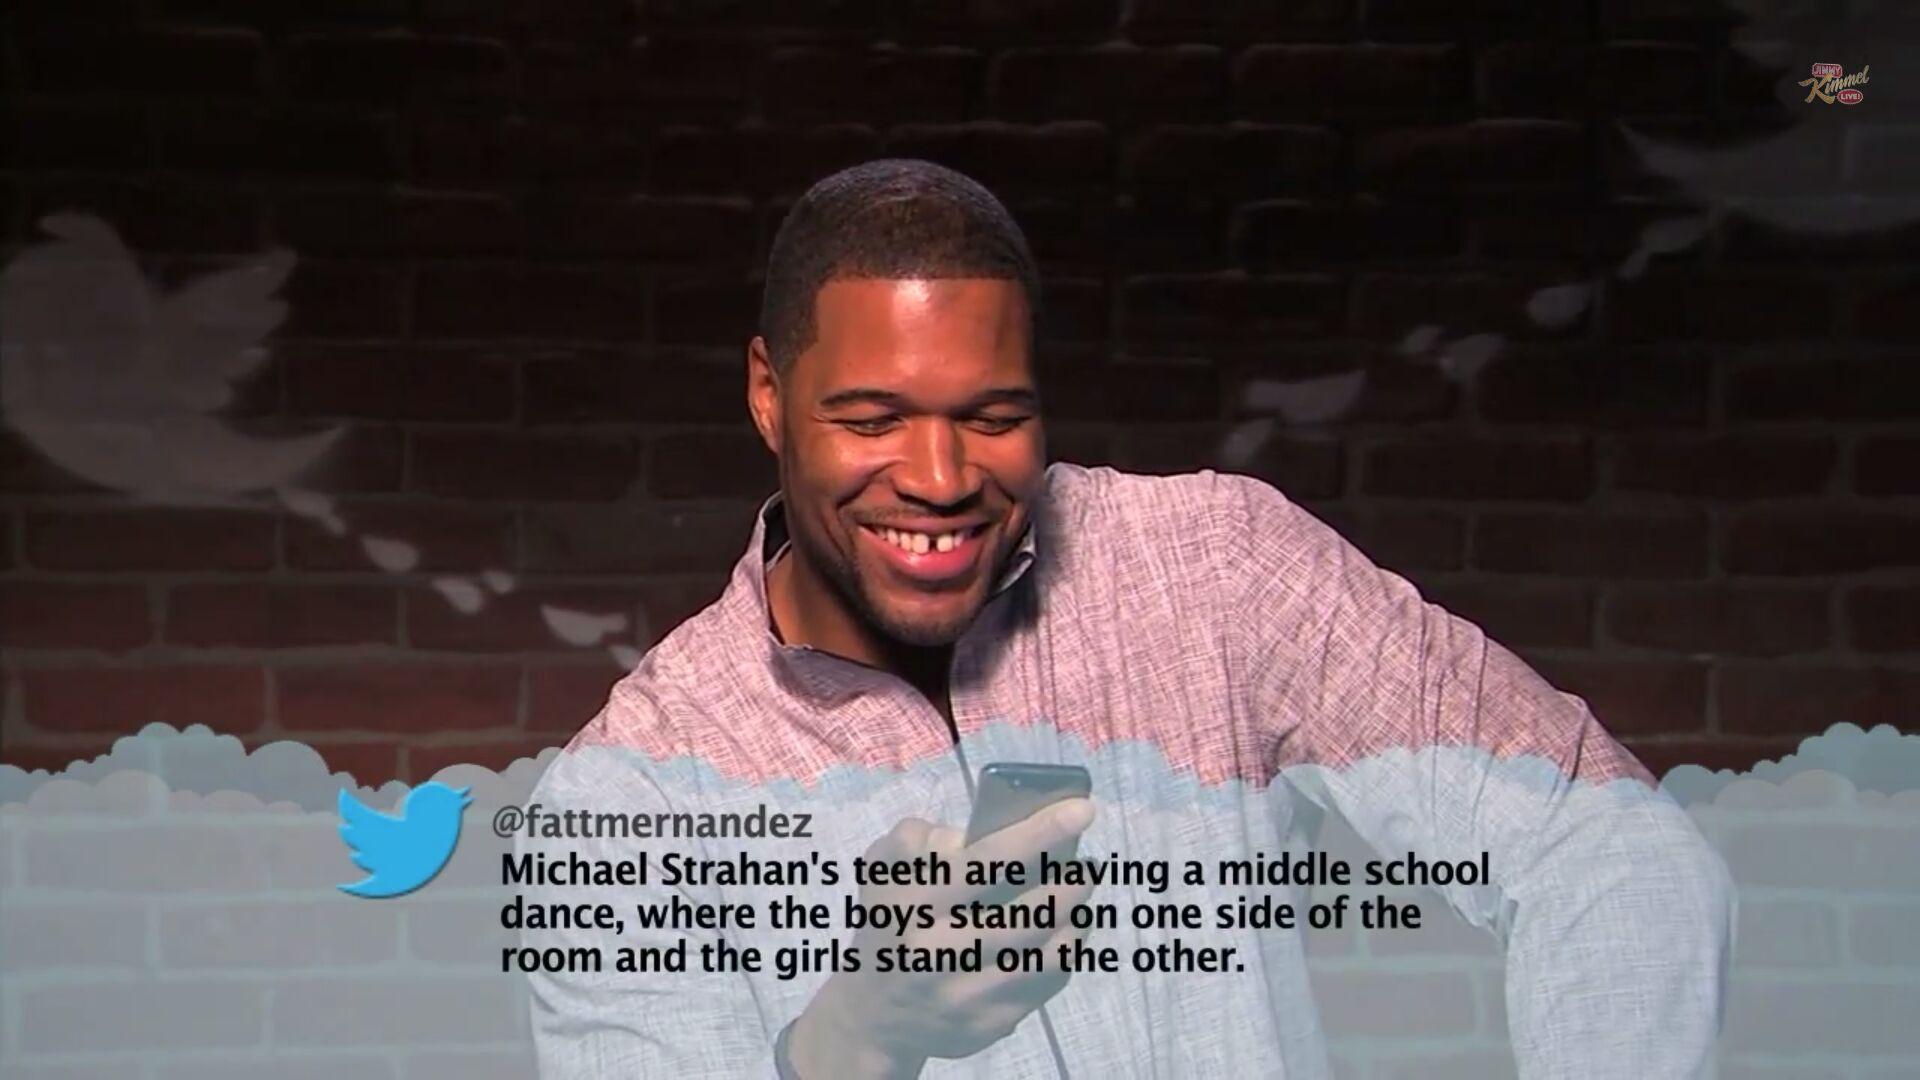 Look at those teeth! - meme